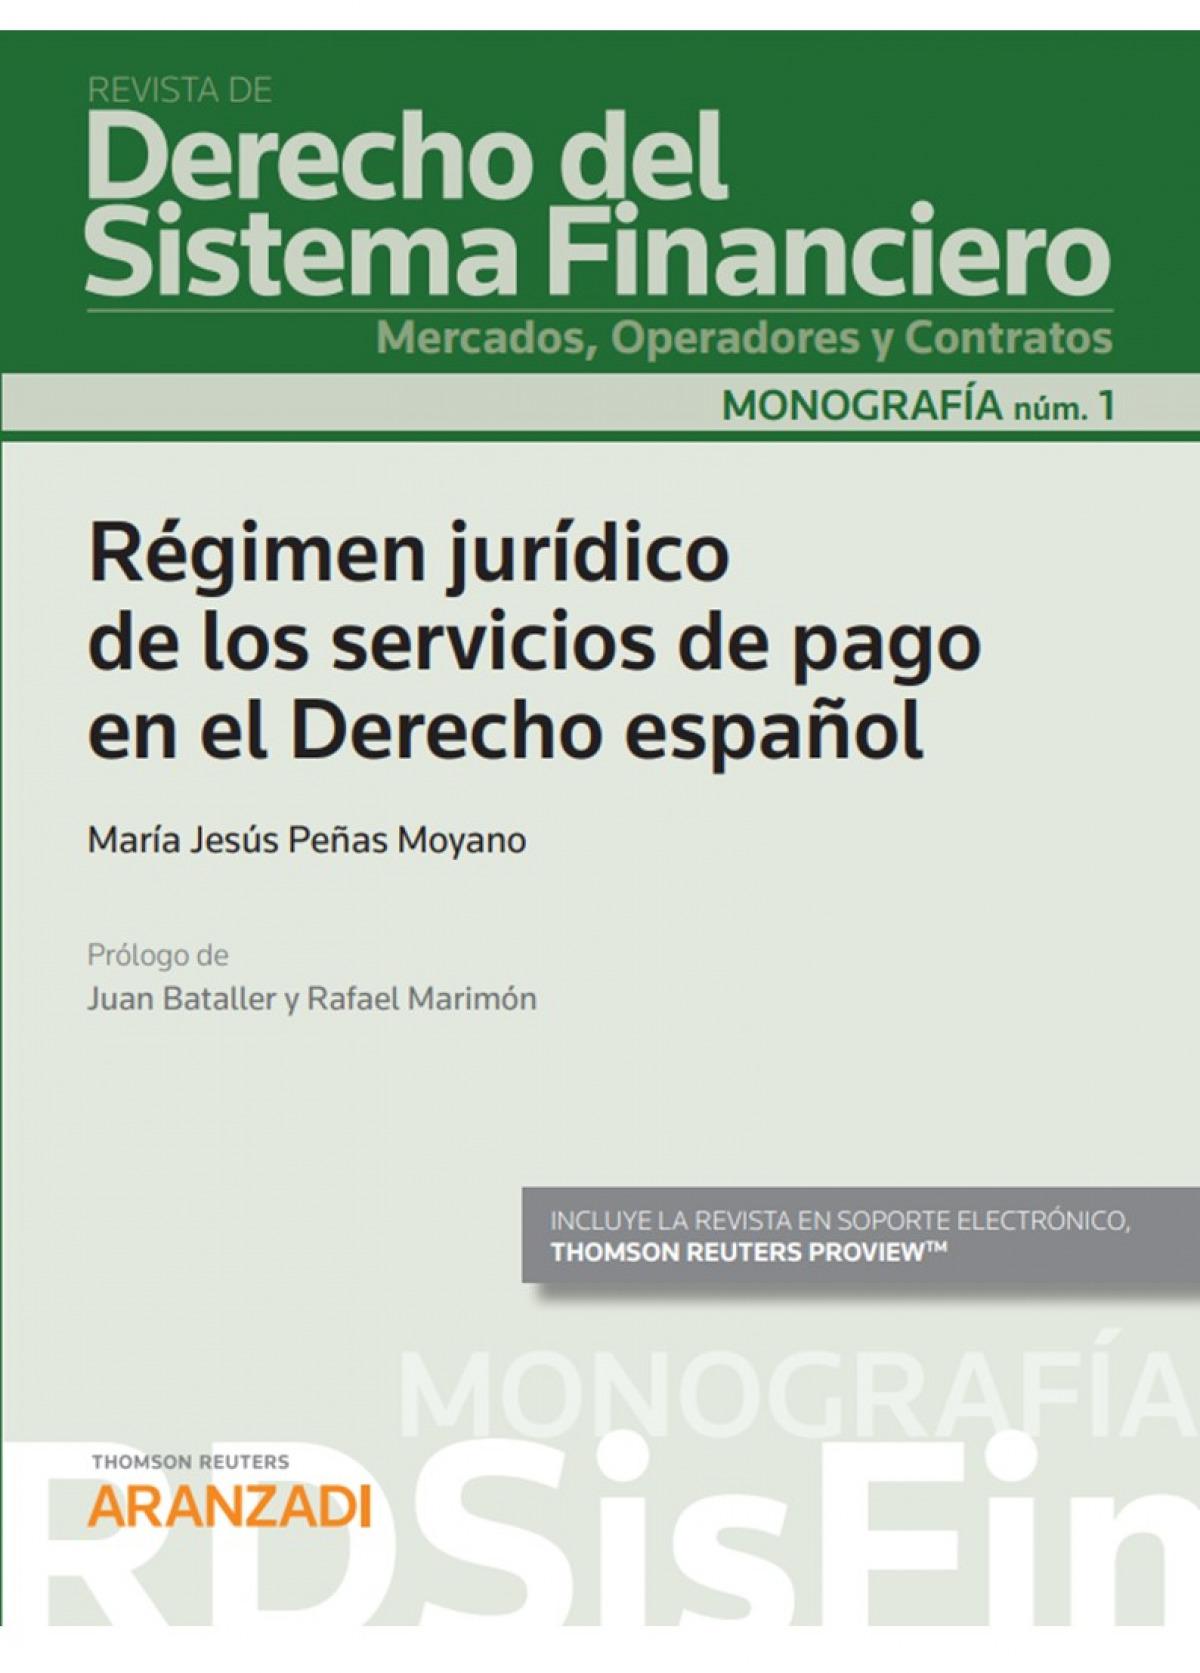 Régimen jur¡dico de los servicios de pago en el derecho español 9788413455129